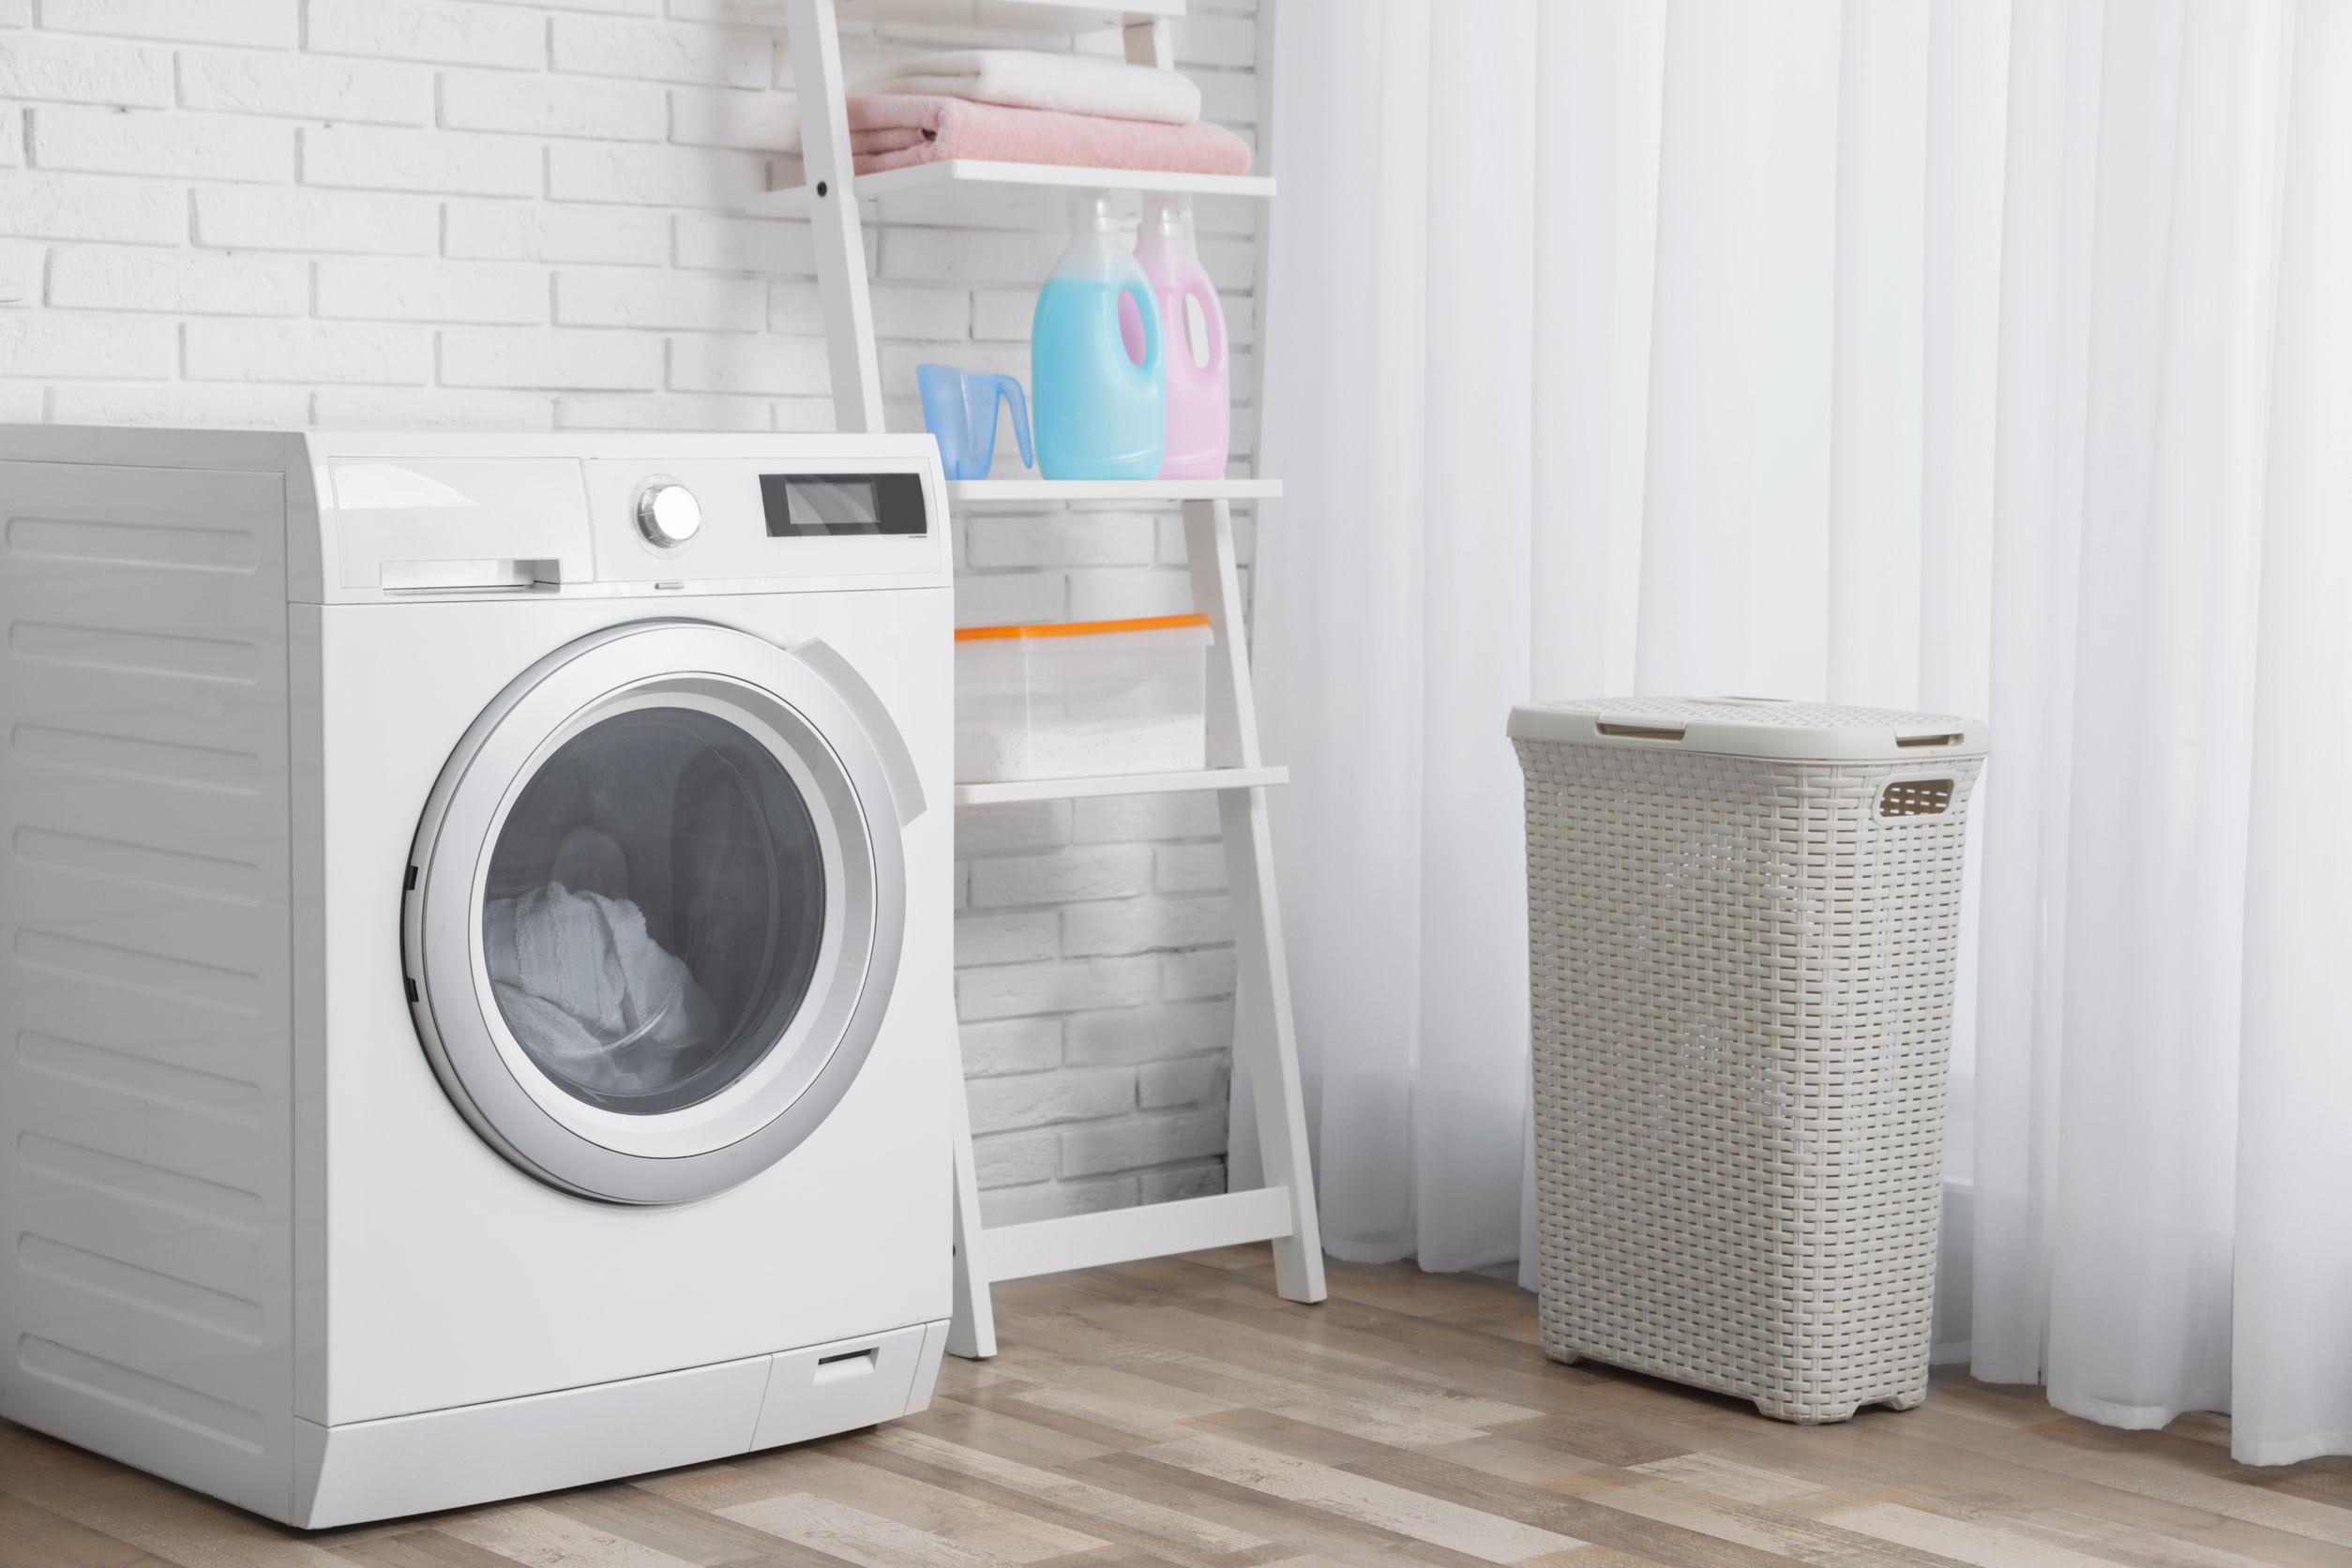 máquina de lavar ao lado de uma prateleira na lavanderia